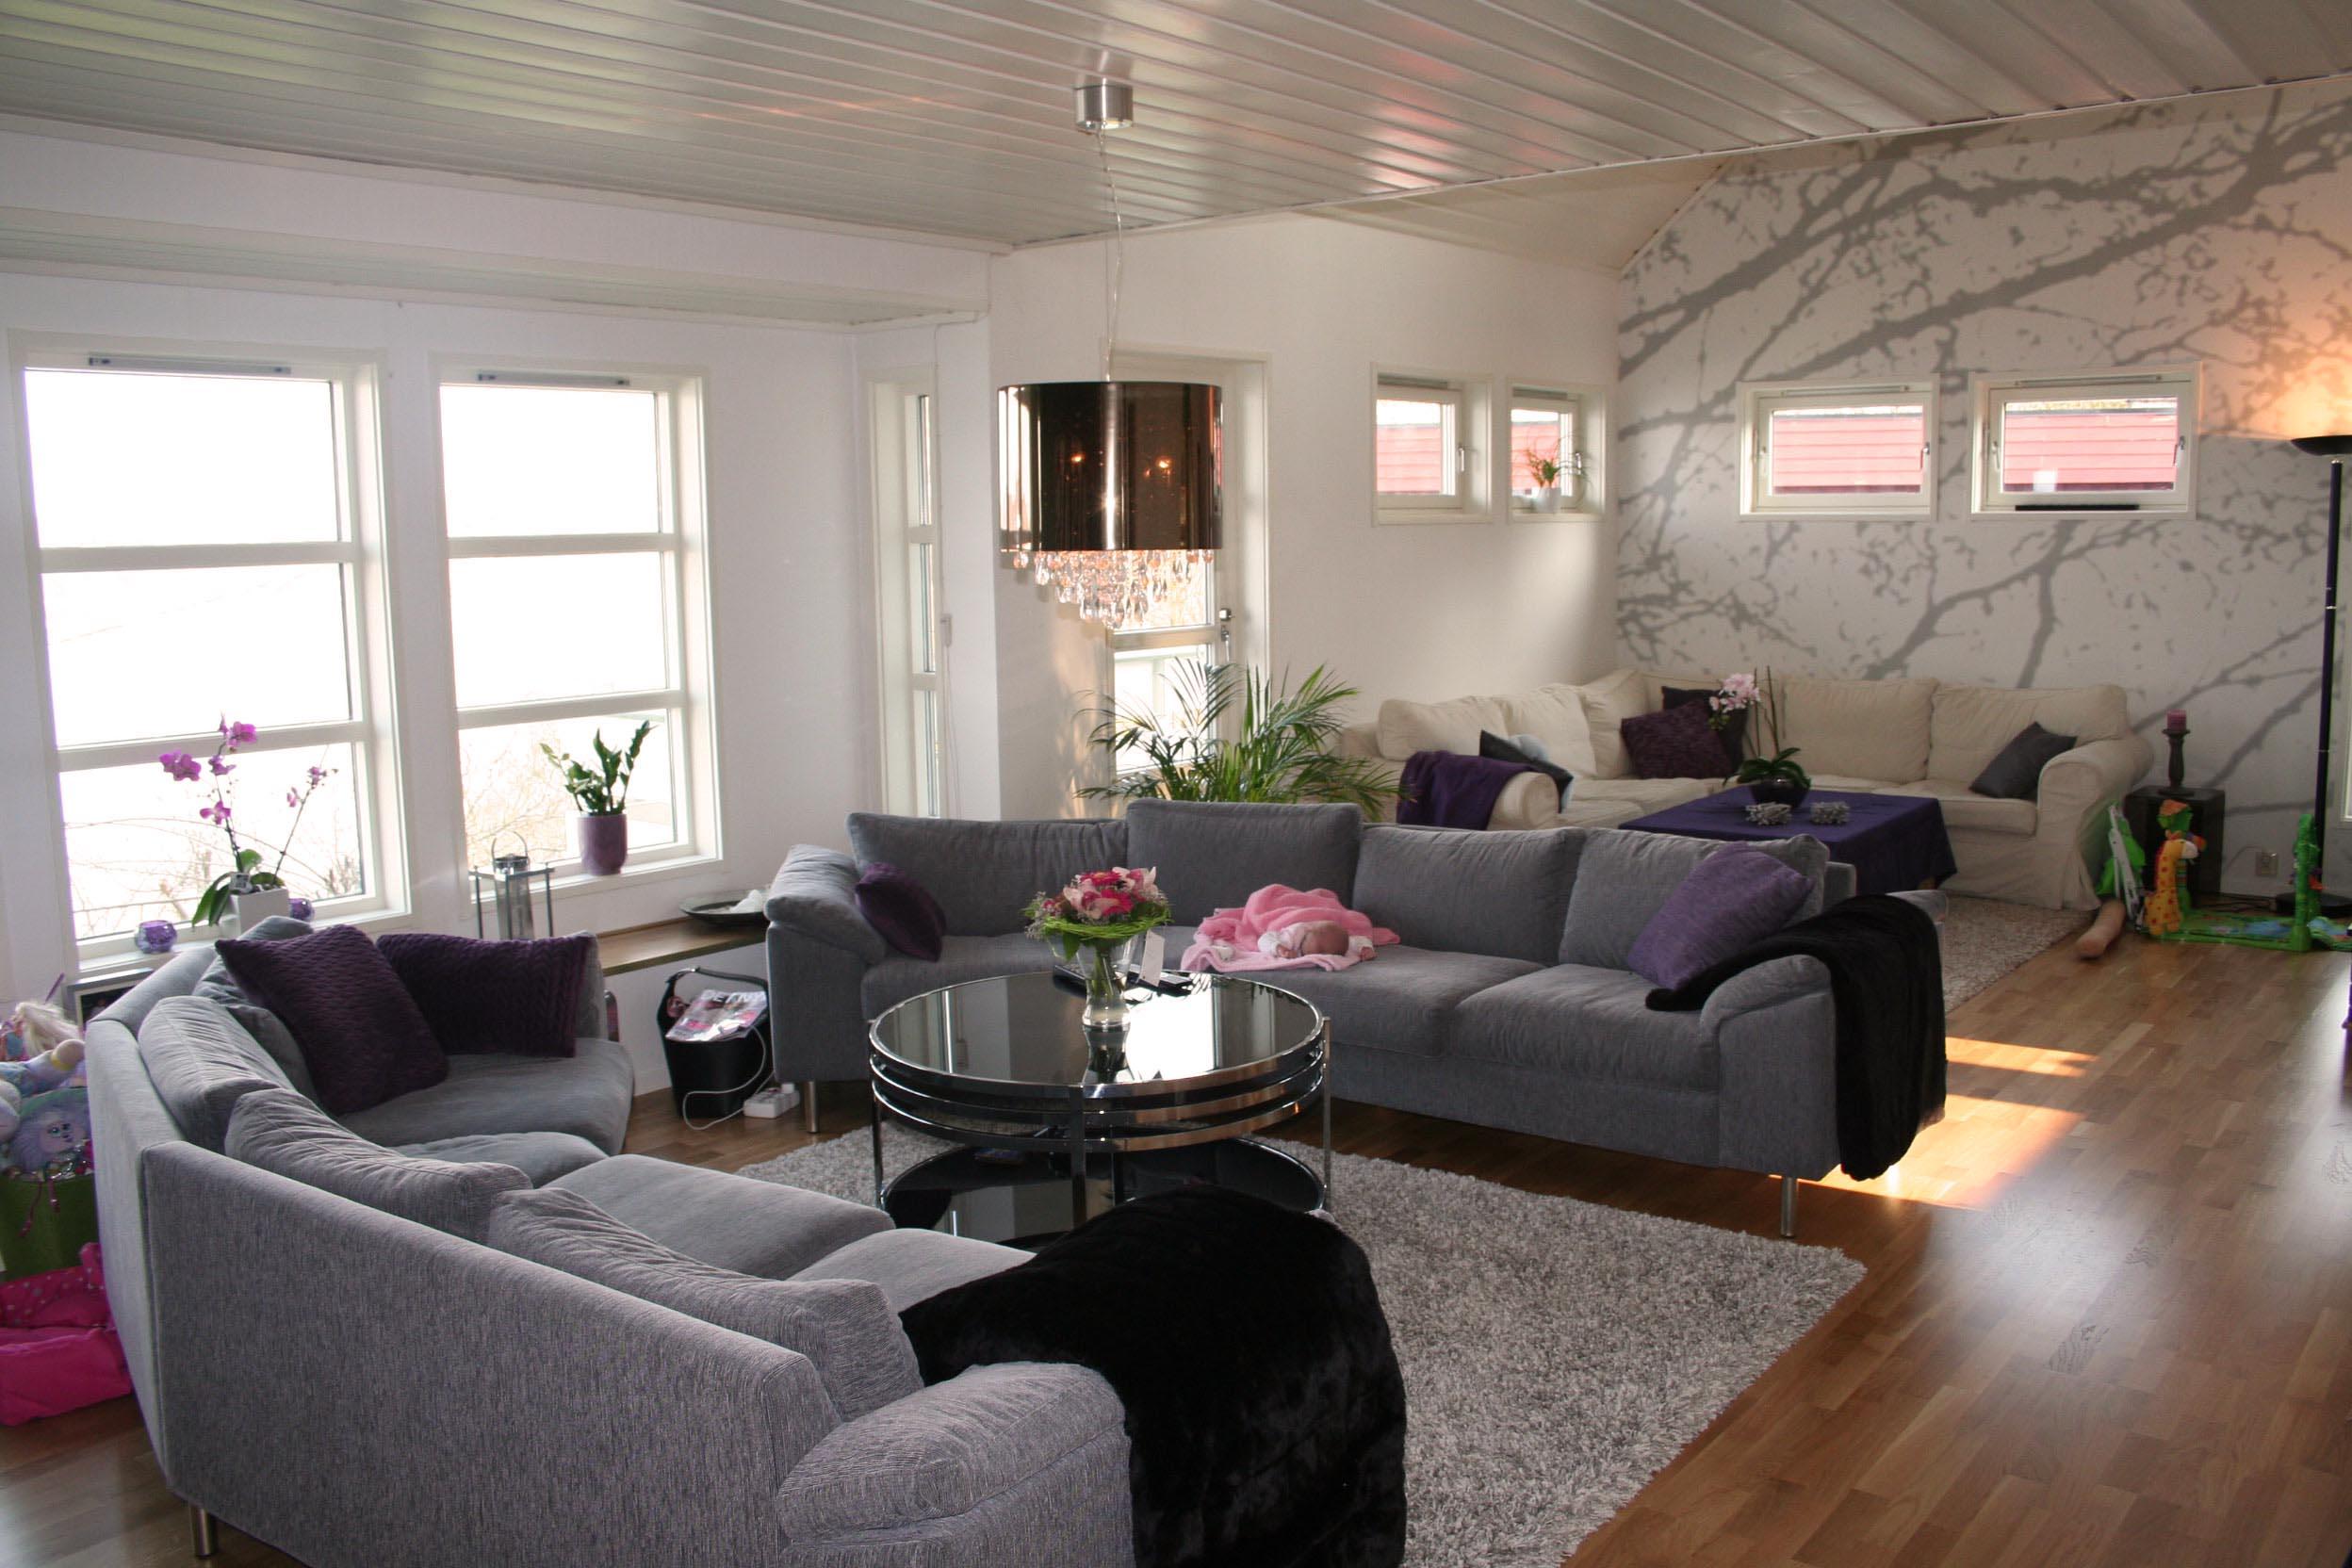 ... Til Interiør Stue: Fin stue interi?r inspirasjon til leiligheten